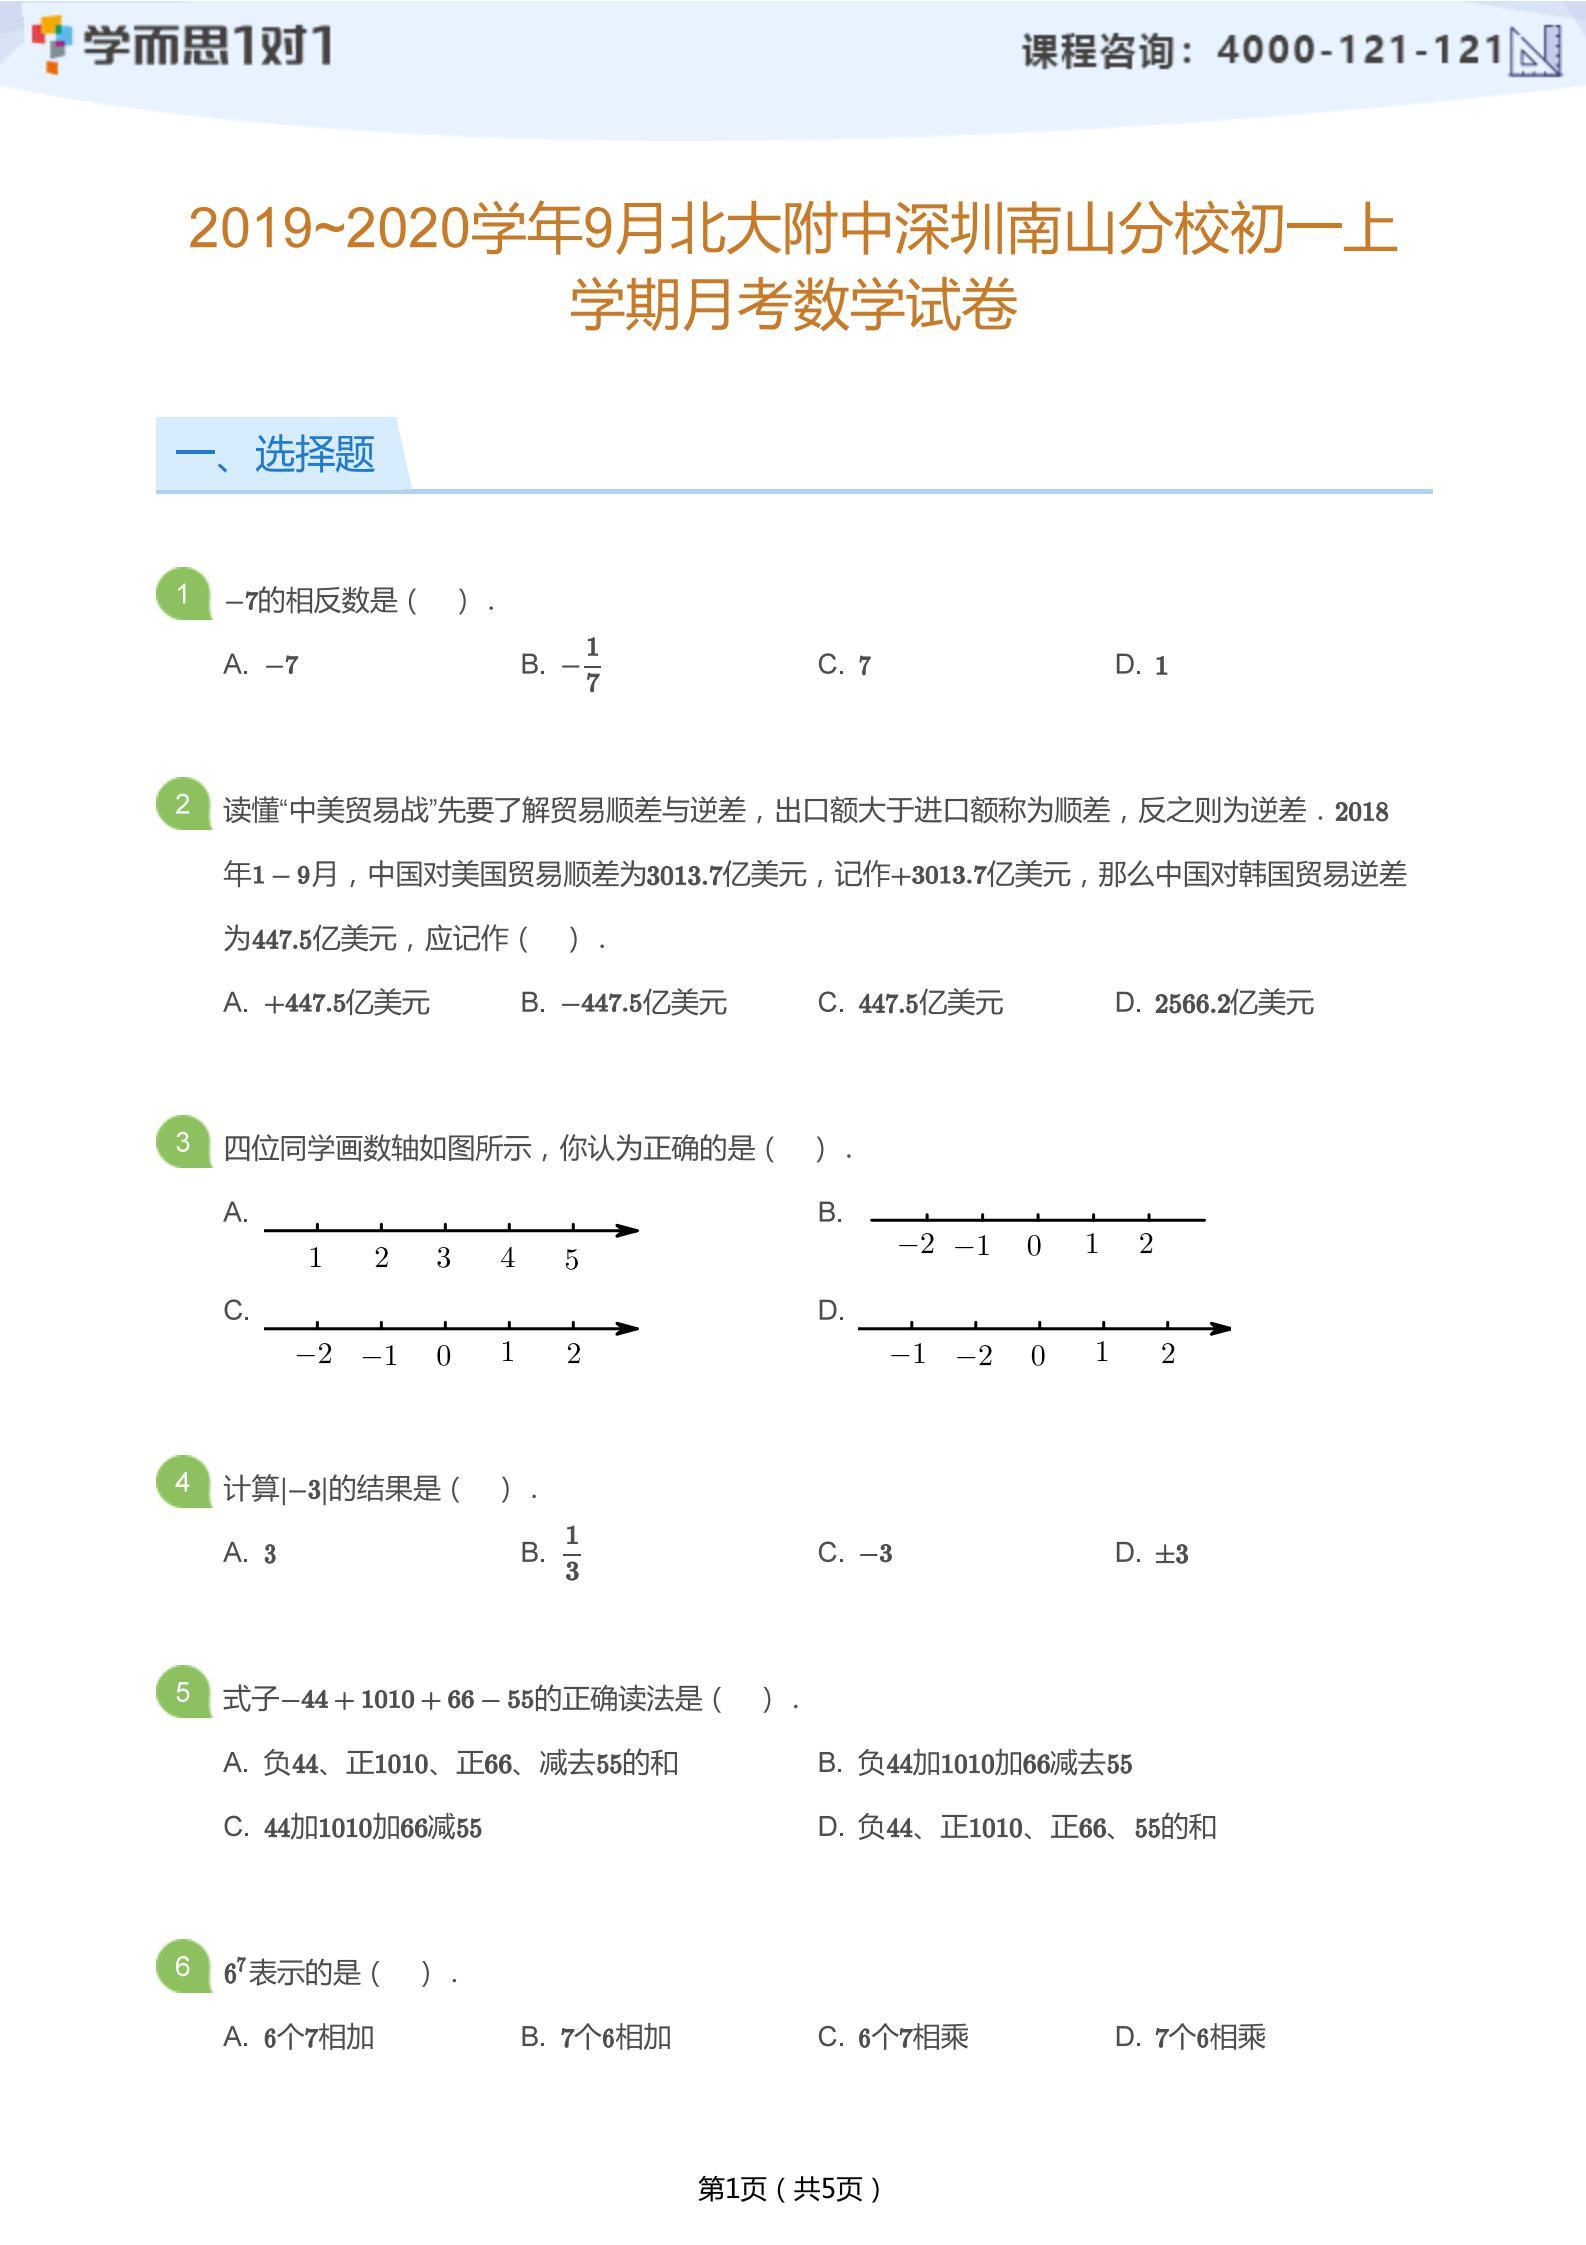 2019-2020学年9月深圳北大附中南山分校初一上学期9月月考数学试卷及答案